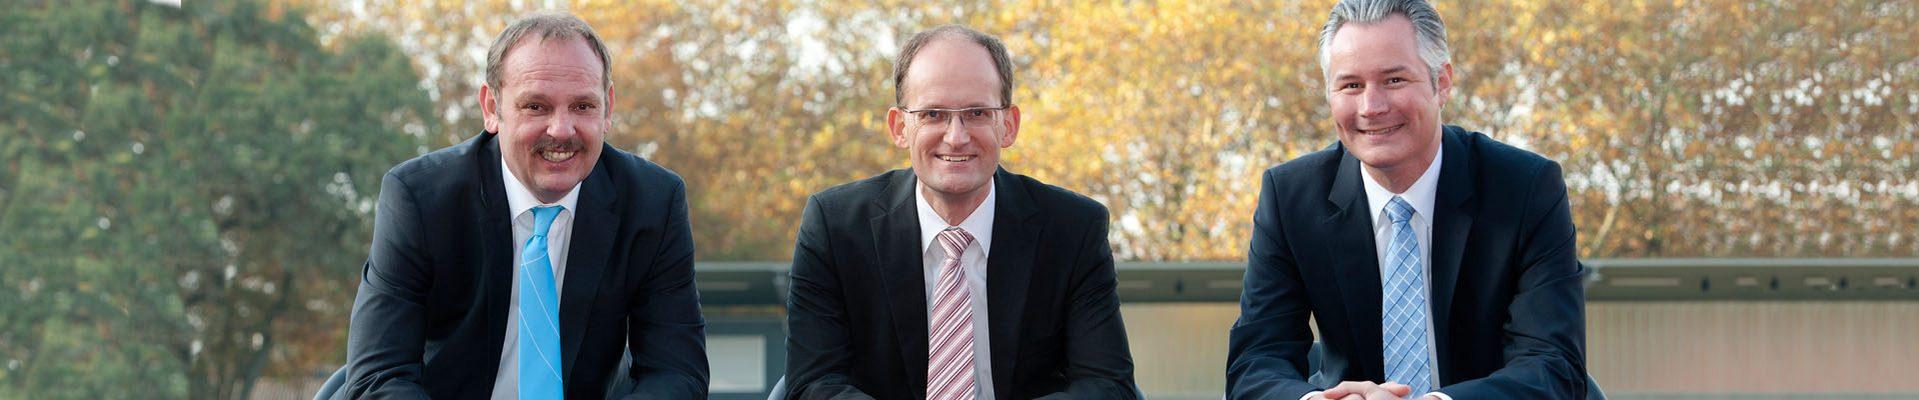 Teaser LSB-Vorstand: M. Wonik, Dr. C. Niessen, I. Waßenhoven